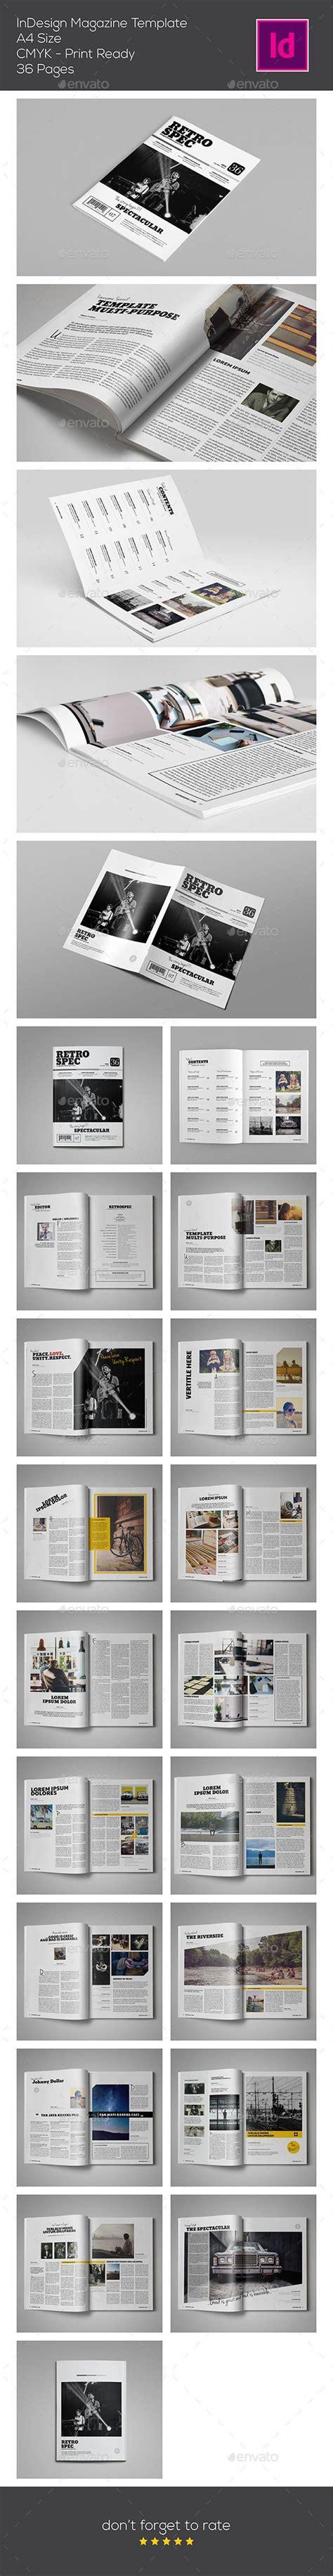 indesign layout vorlagen zeitschrift die besten 25 indesign magazinvorlagen ideen auf